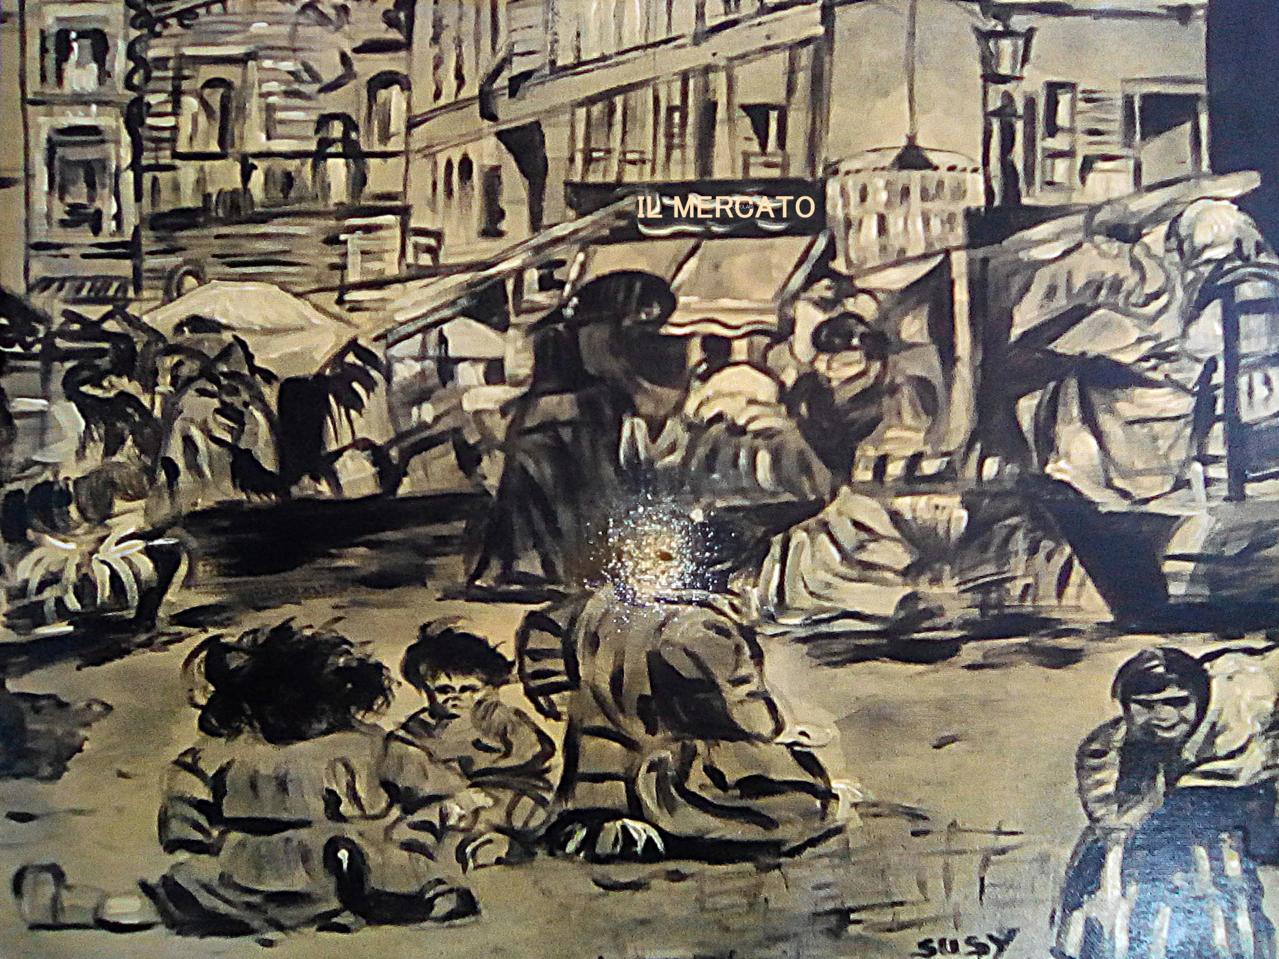 The market Illust of Grandicelli Susanna history May2021_Monochrome pittura antiquariato digitale acrilica